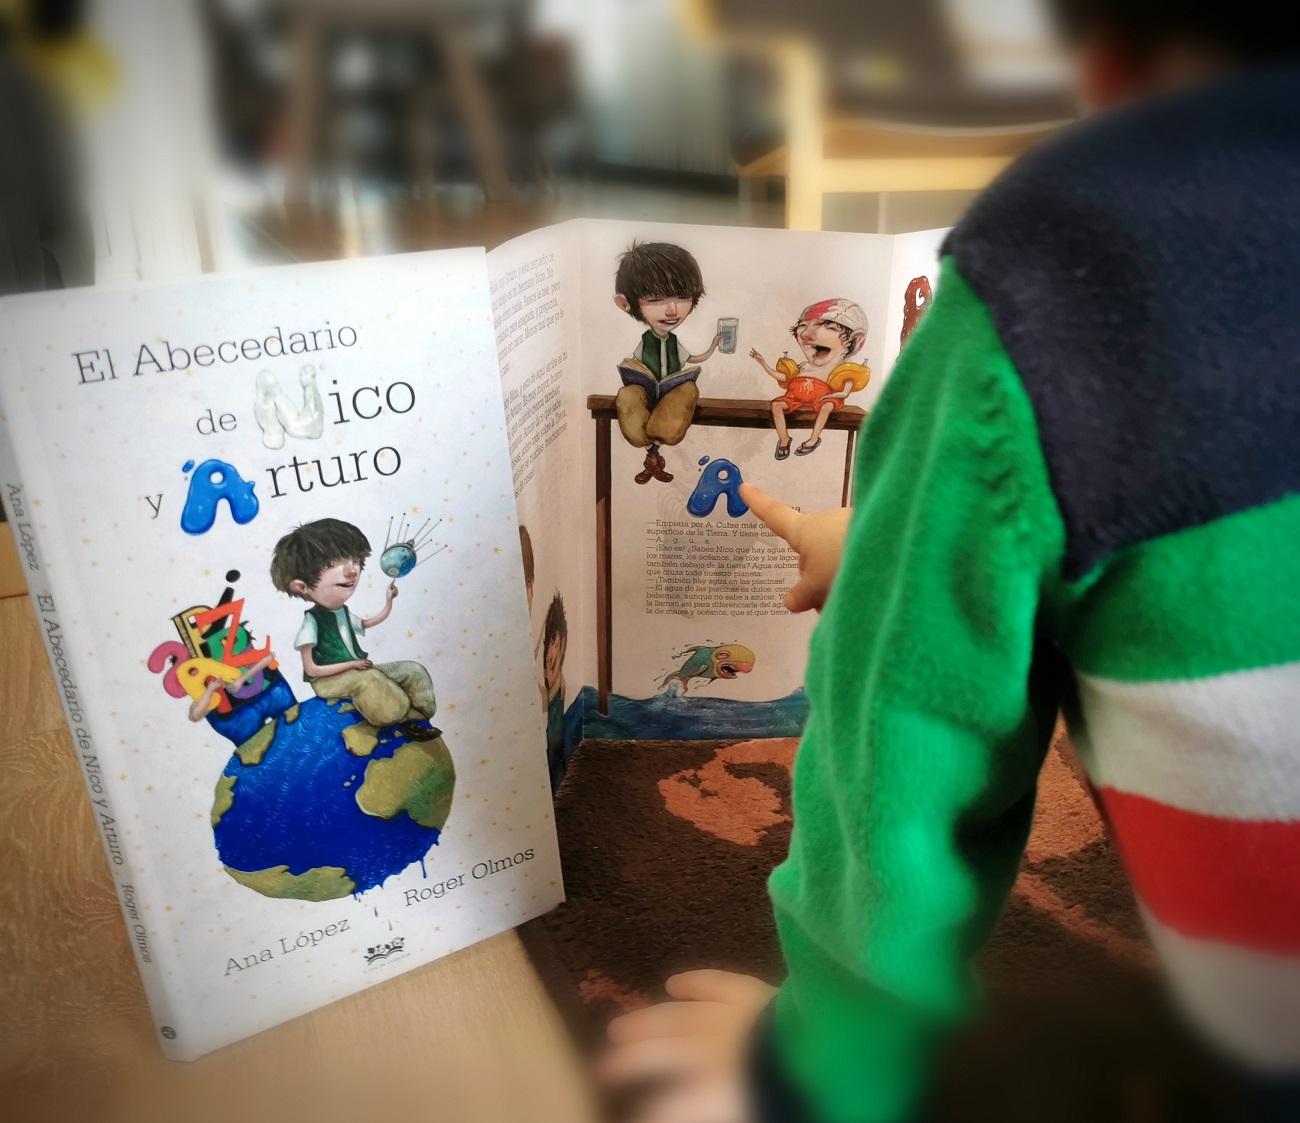 El abecedario de nico y arturo ana lopez_portada_telar de libros